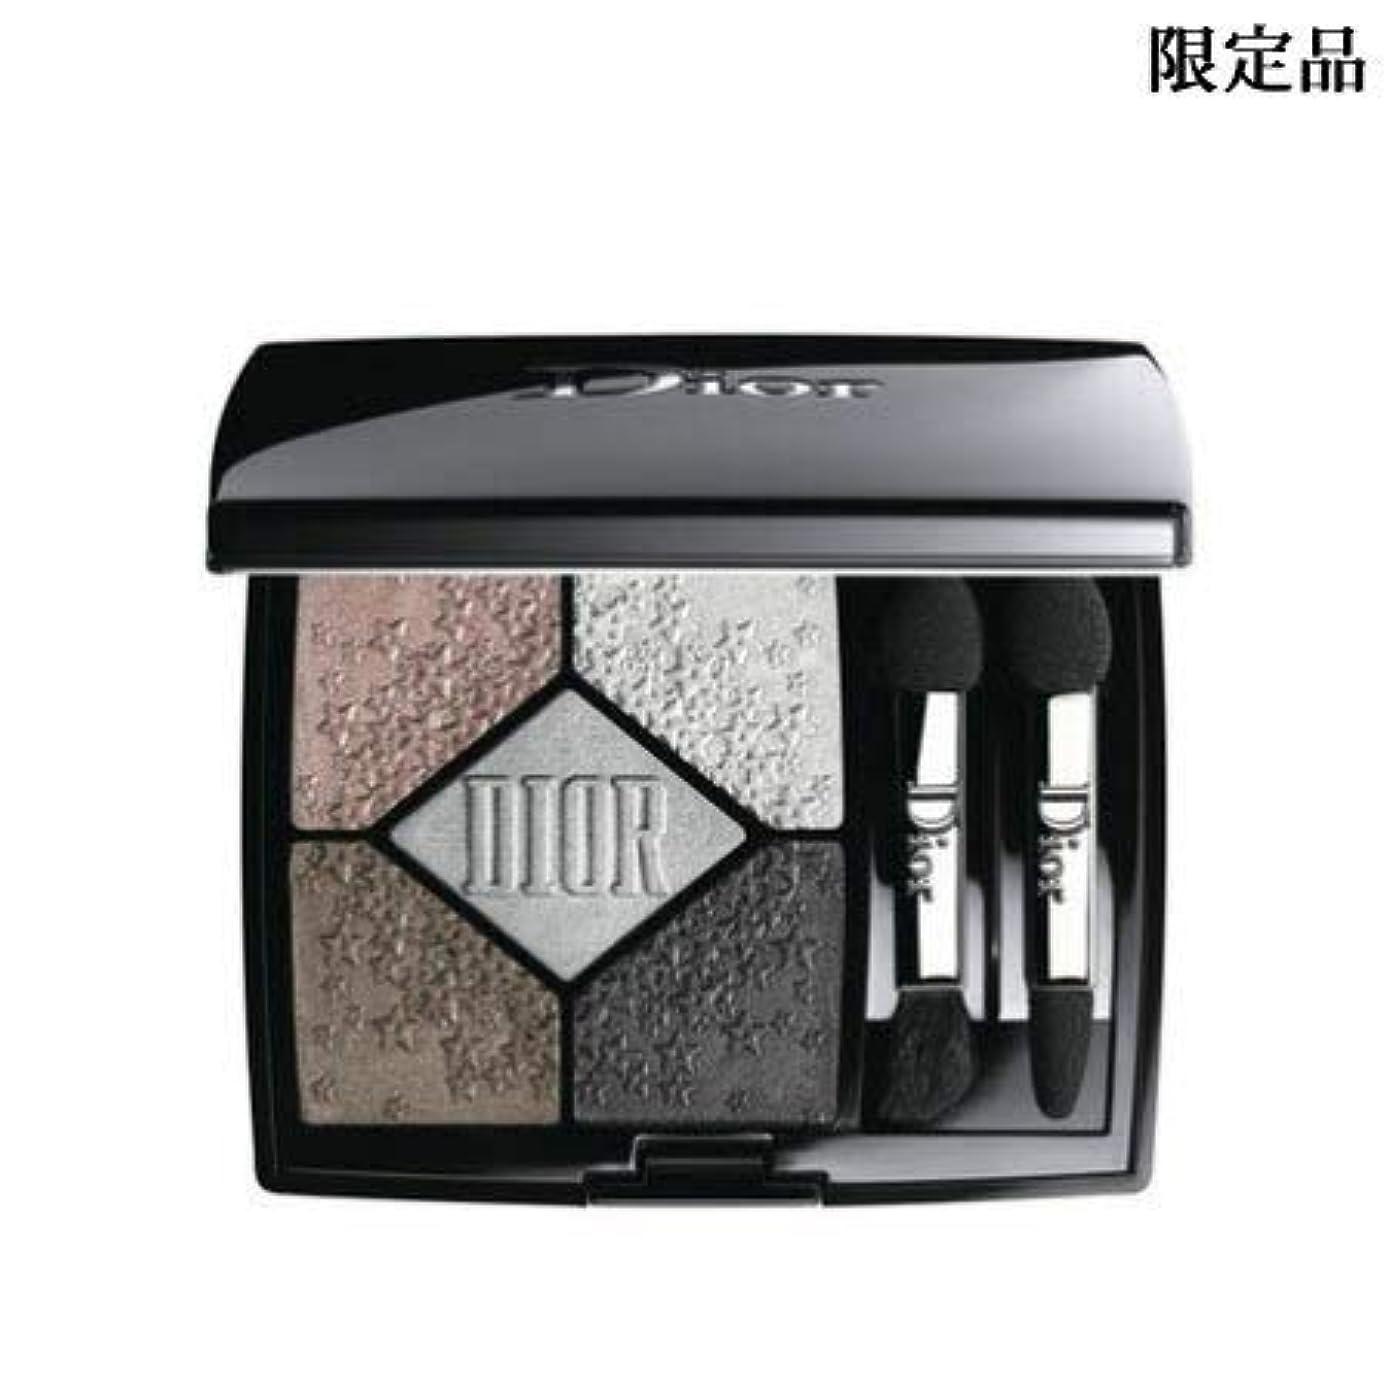 つかむ中央トレイルディオール サンク クルール #057 ムーンライト 限定色 -Dior-